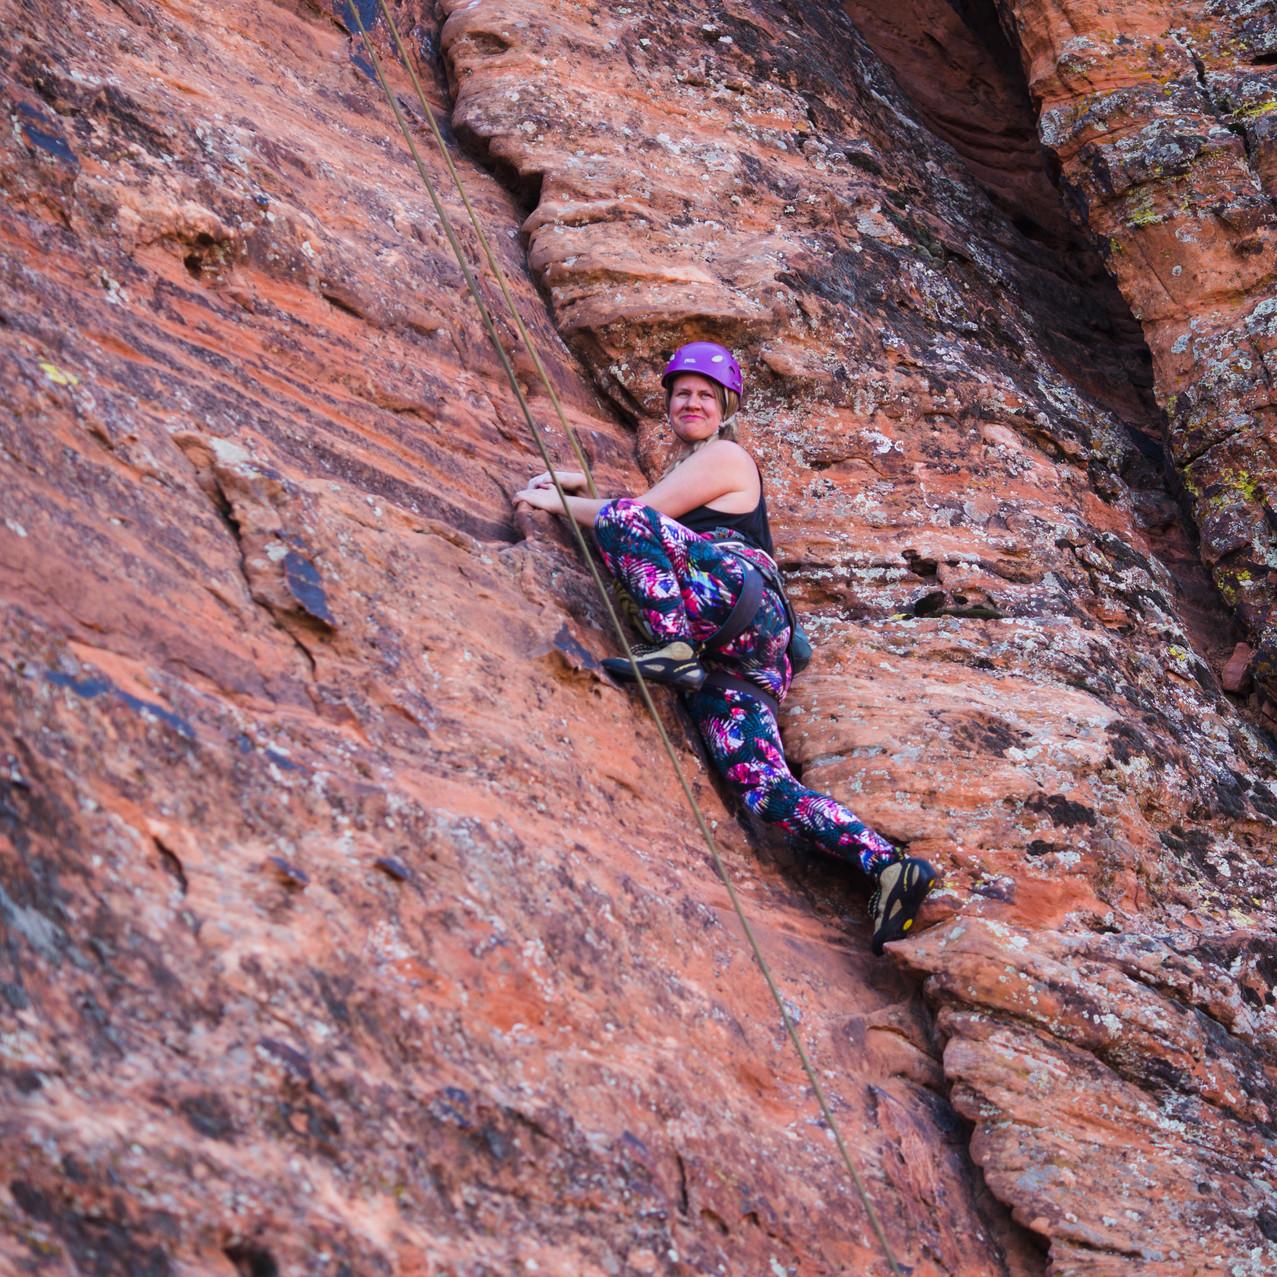 Snow Canyon Climbing Adventure